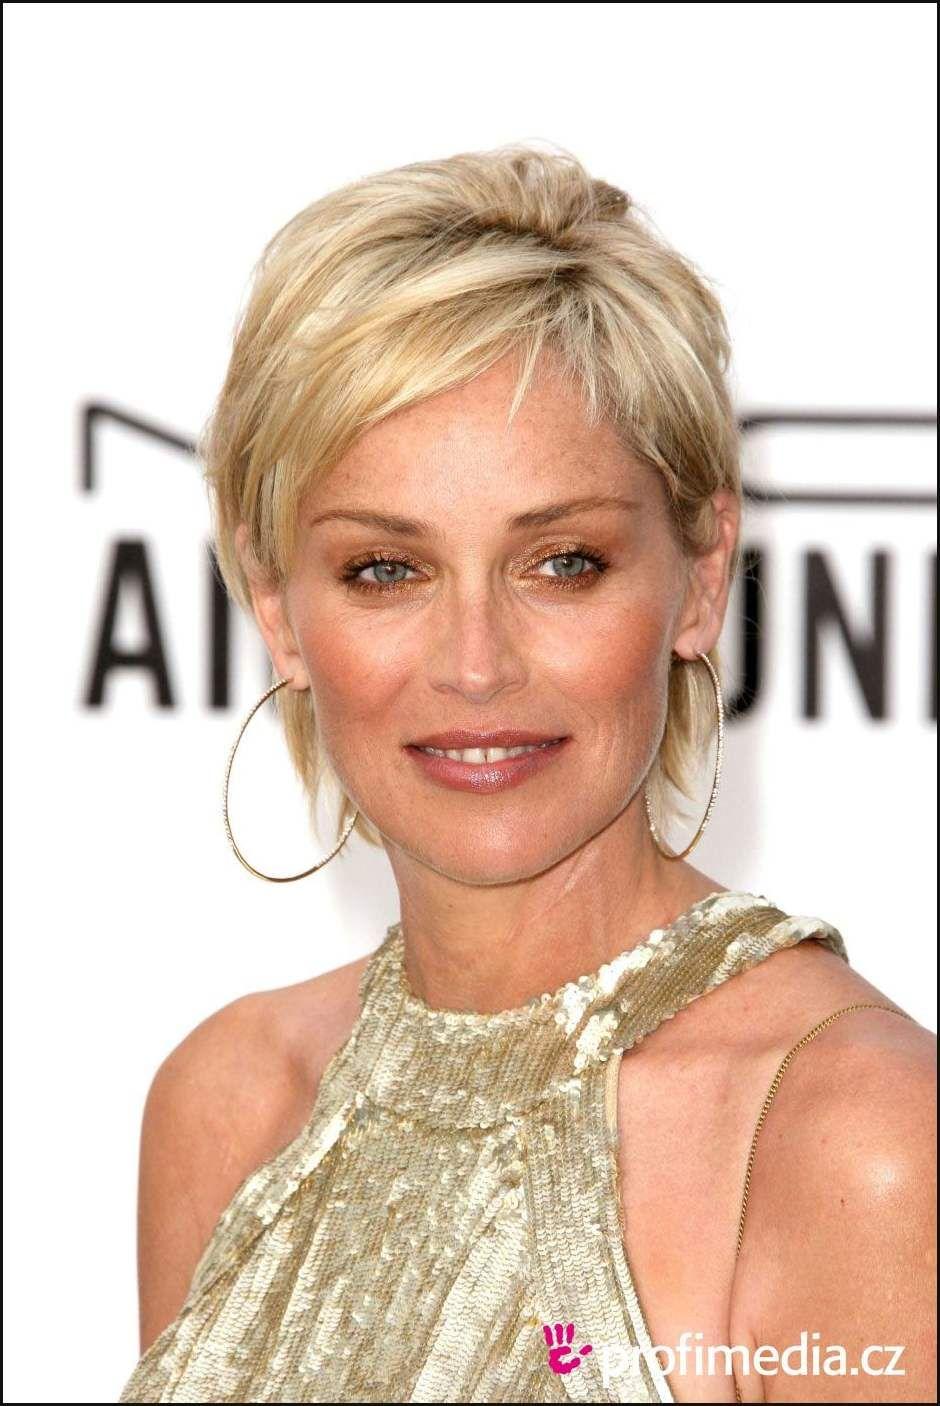 Sharon Stone Promi Frisur Zum Ausprobieren Sharon Stone